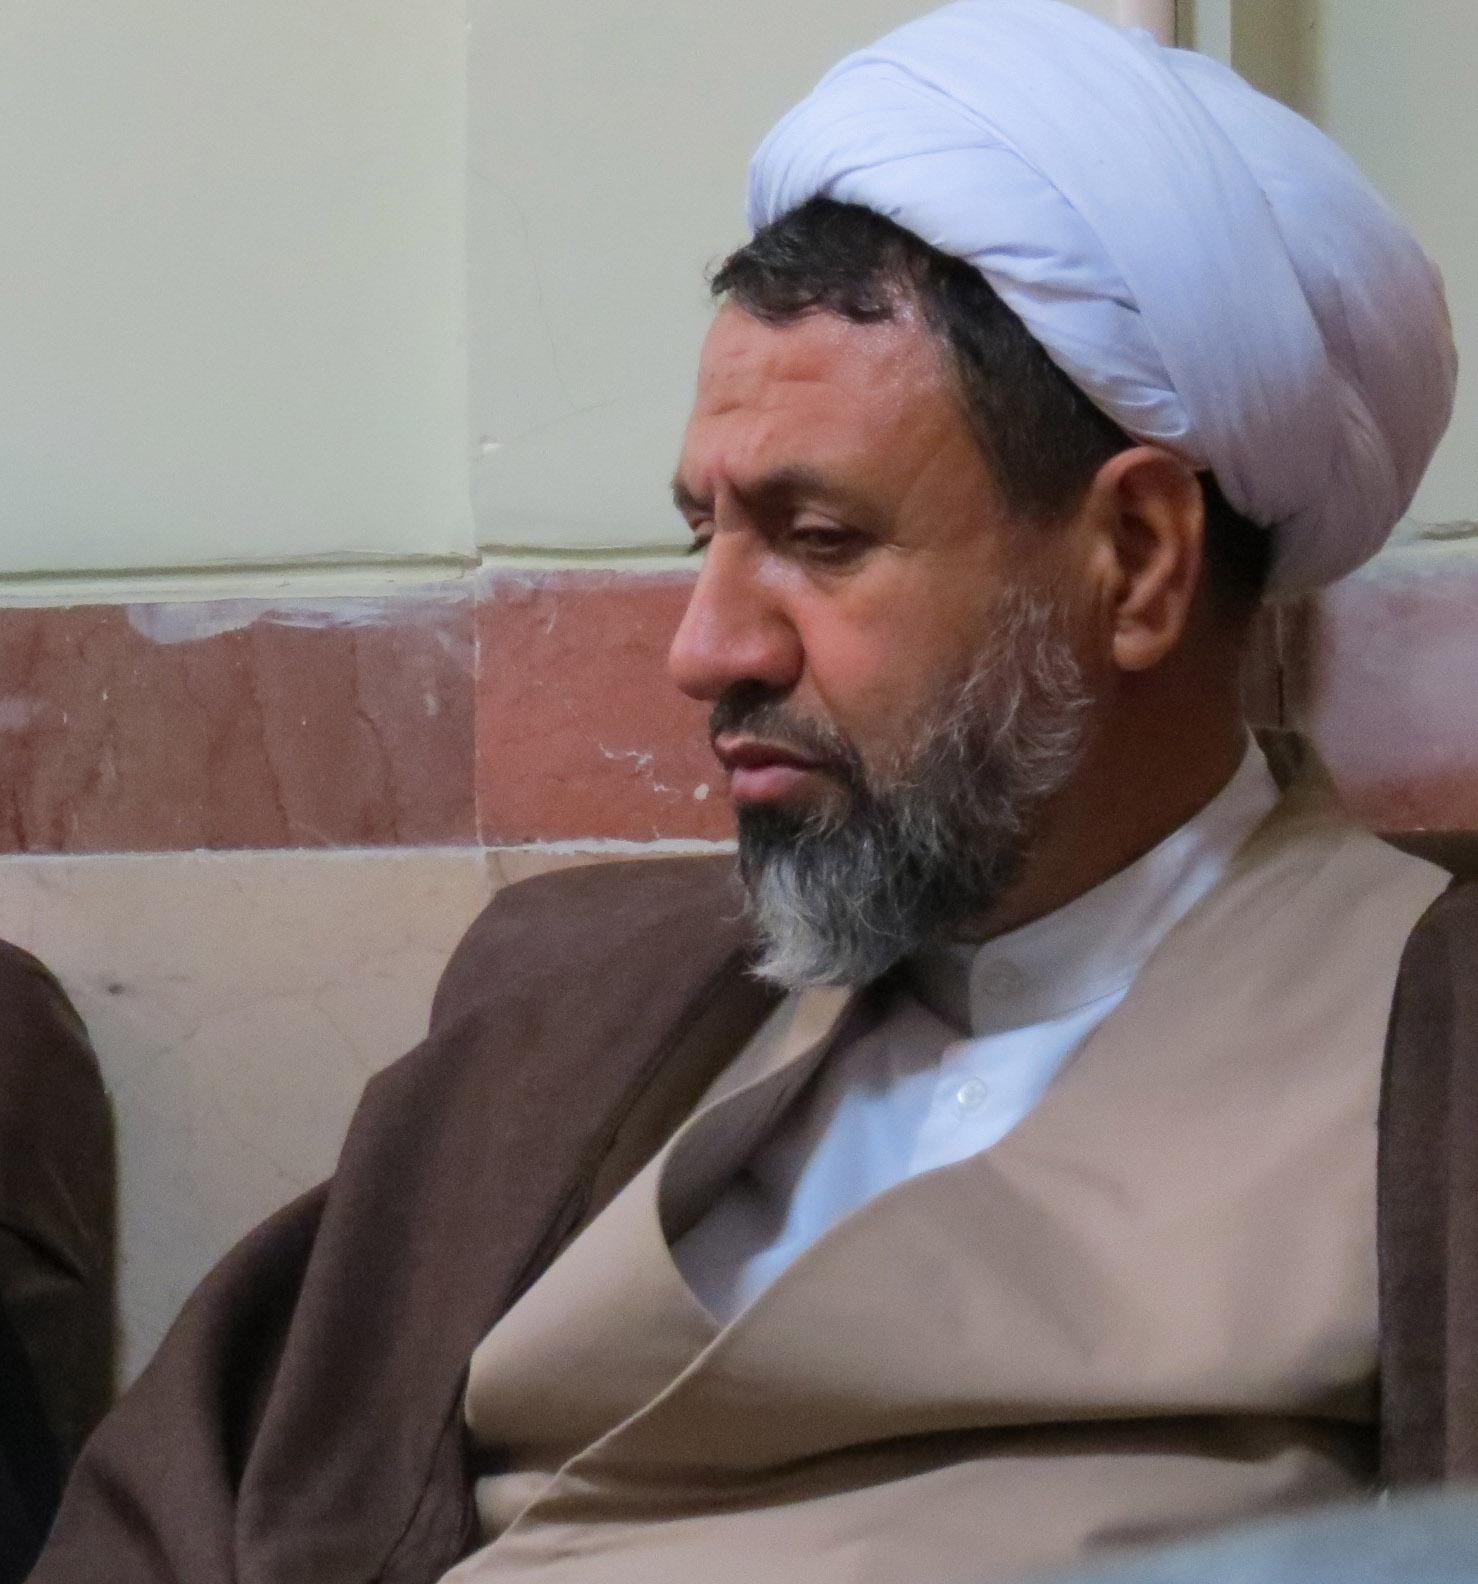 دیدار حوزویان با حجت الاسلام علیدادی امام جمعه جدید کرمان